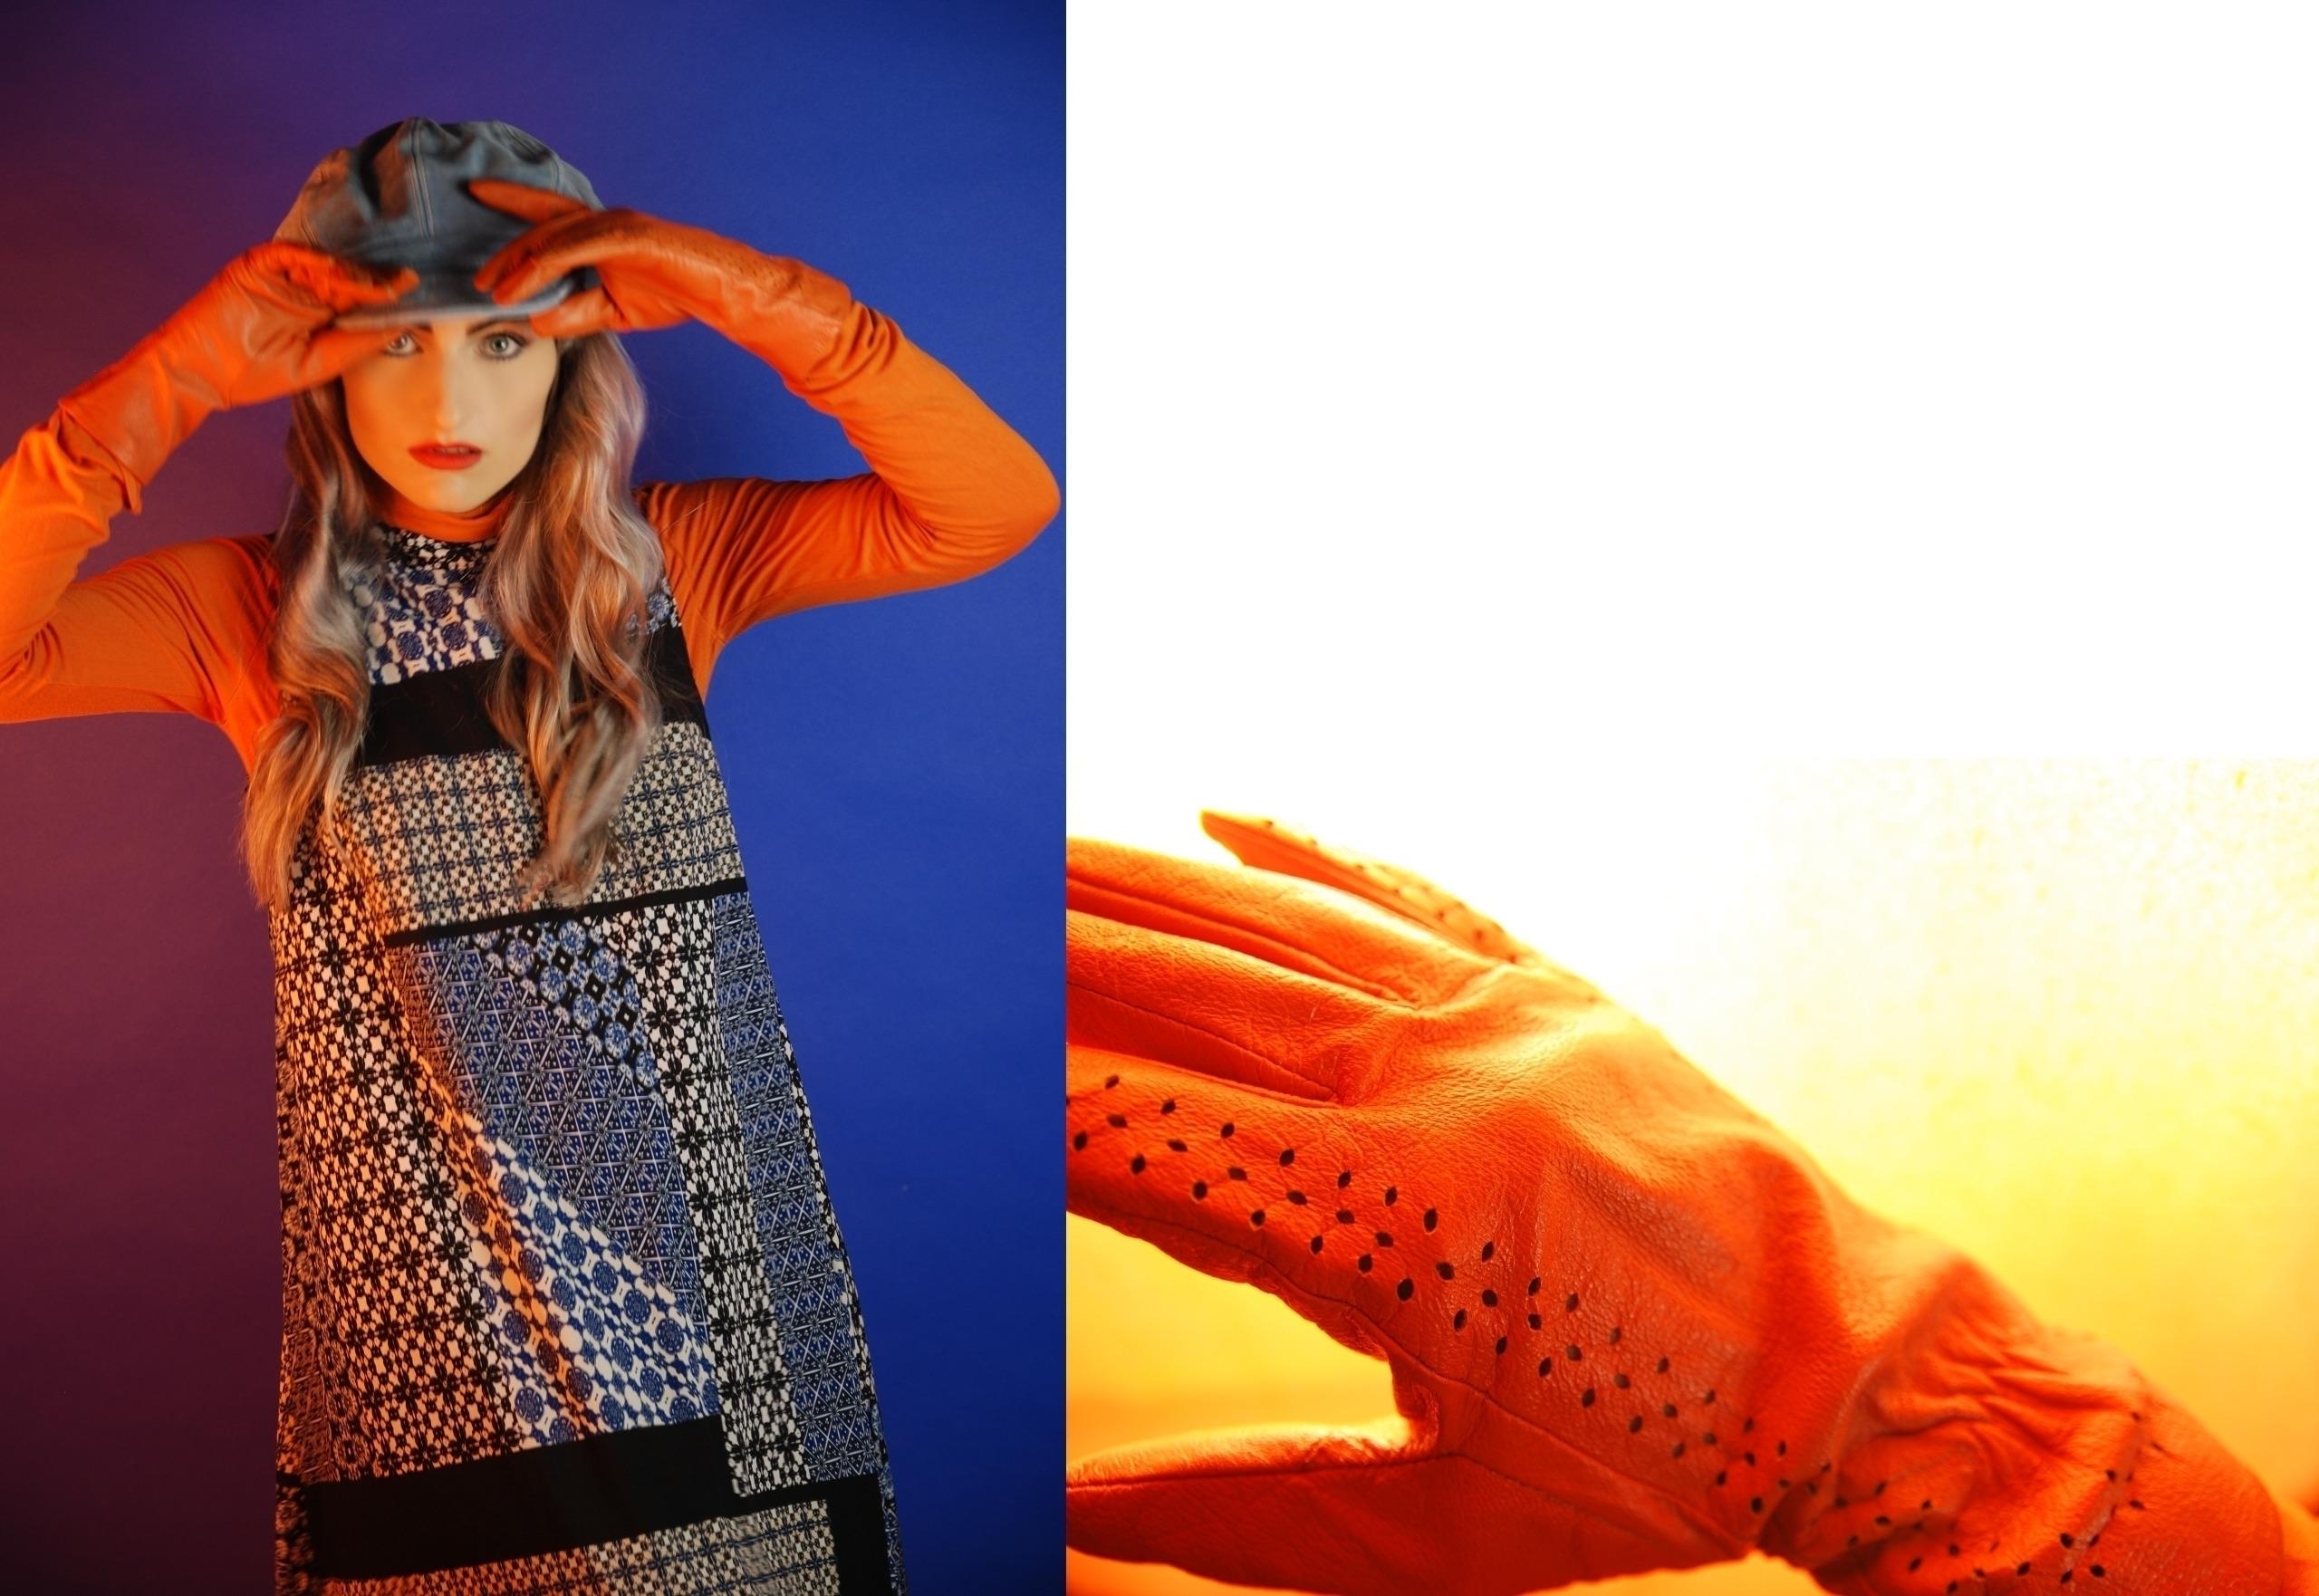 Obraz przedstawia dwa zdjęcia, z lewej strony widzimy młodą kobietę, która wykonuje gest trzymania za czapkę. Kobieta ma na sobie sukienkę we wzory, pomarańczowy golf, rękawiczki, niebieski beret. Z prawej strony widzimy zdjęcie pomarańczowej rękawiczki.